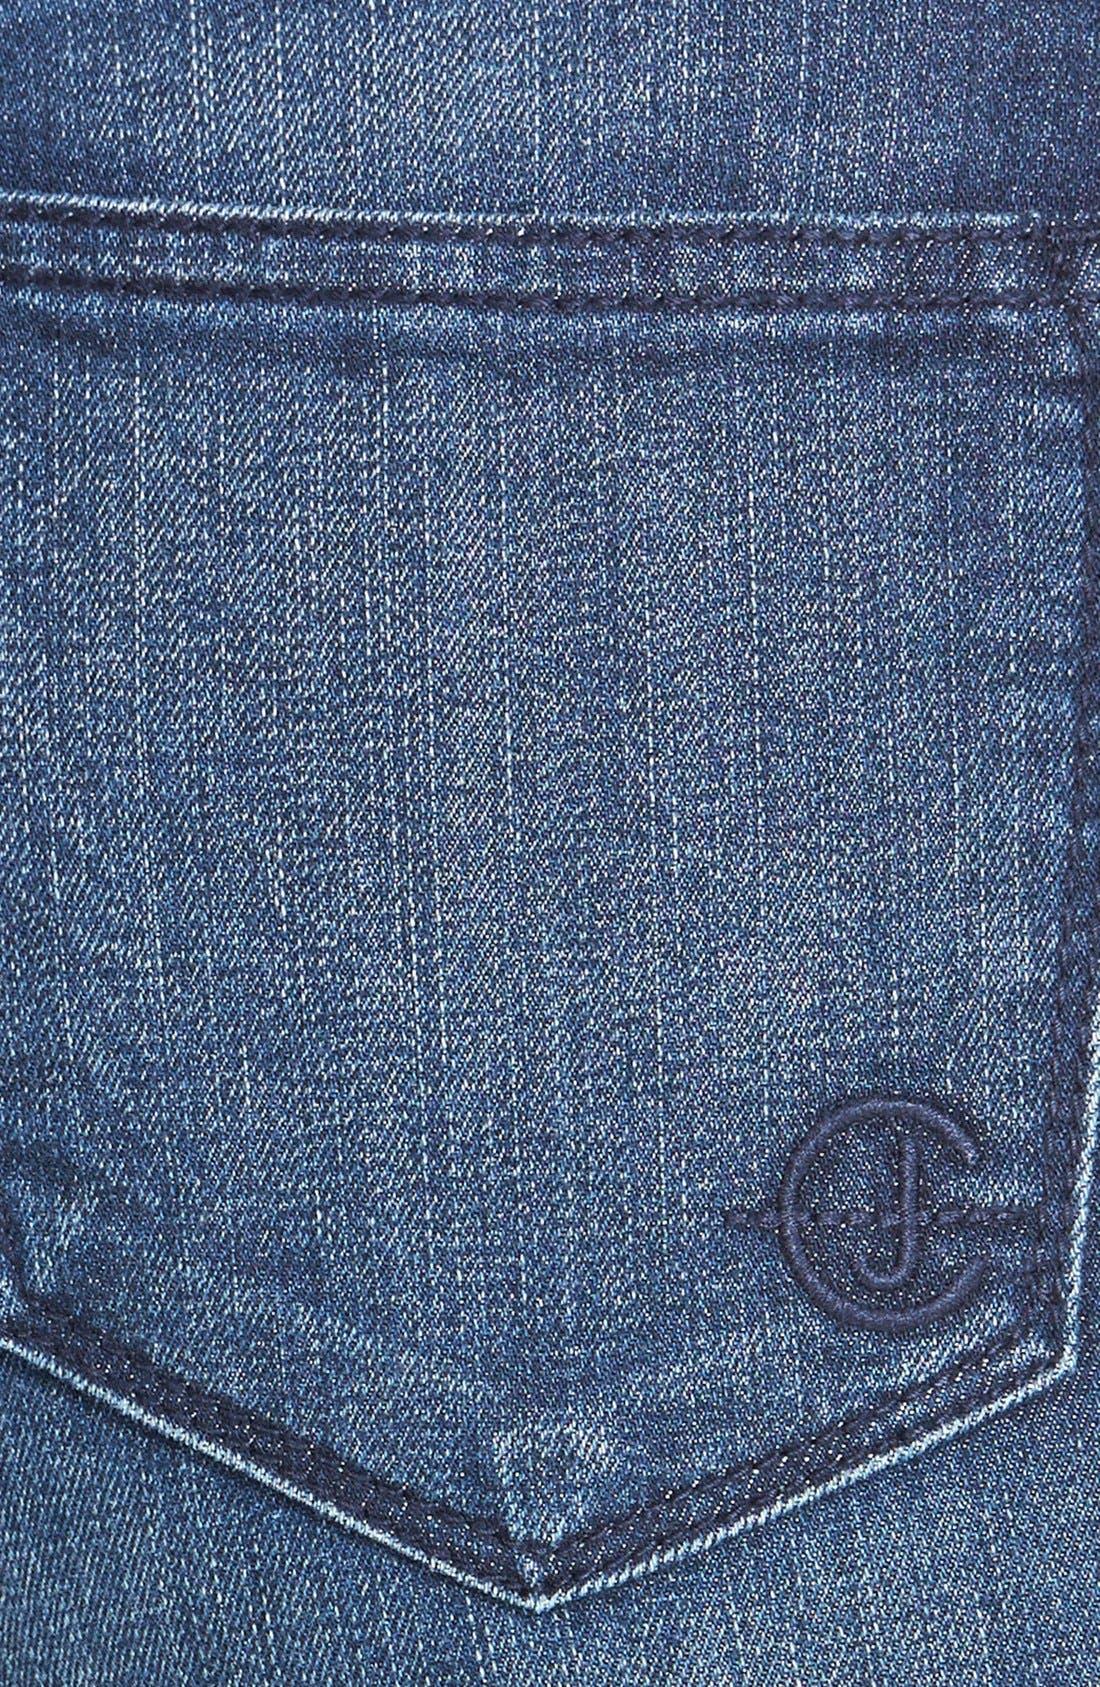 Alternate Image 3  - CJ by Cookie Johnson 'Wisdom' Stretch Ankle Skinny Jeans (Mills)